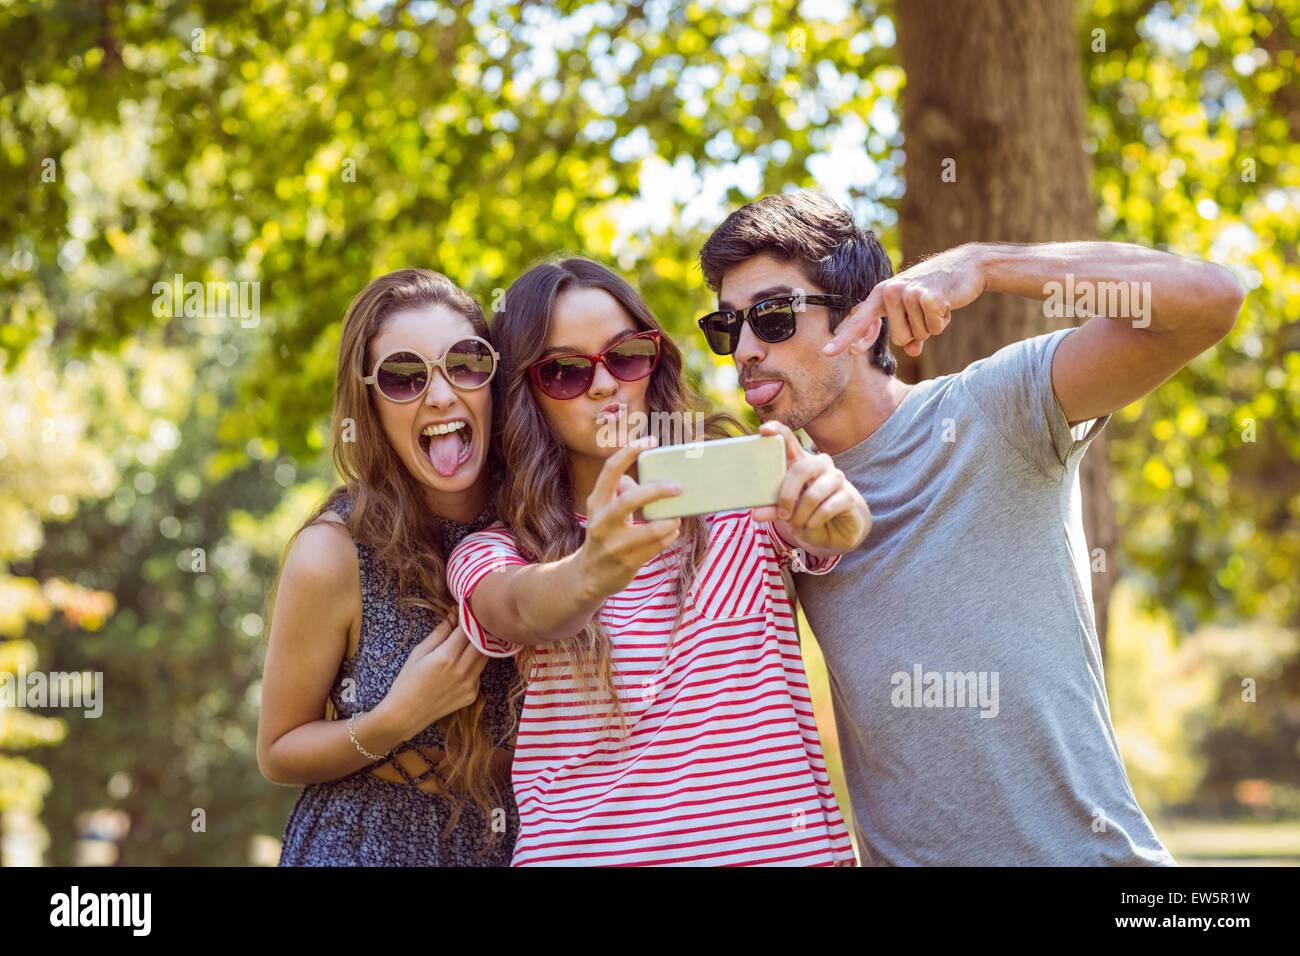 Happy friends taking a selfie - Stock Image